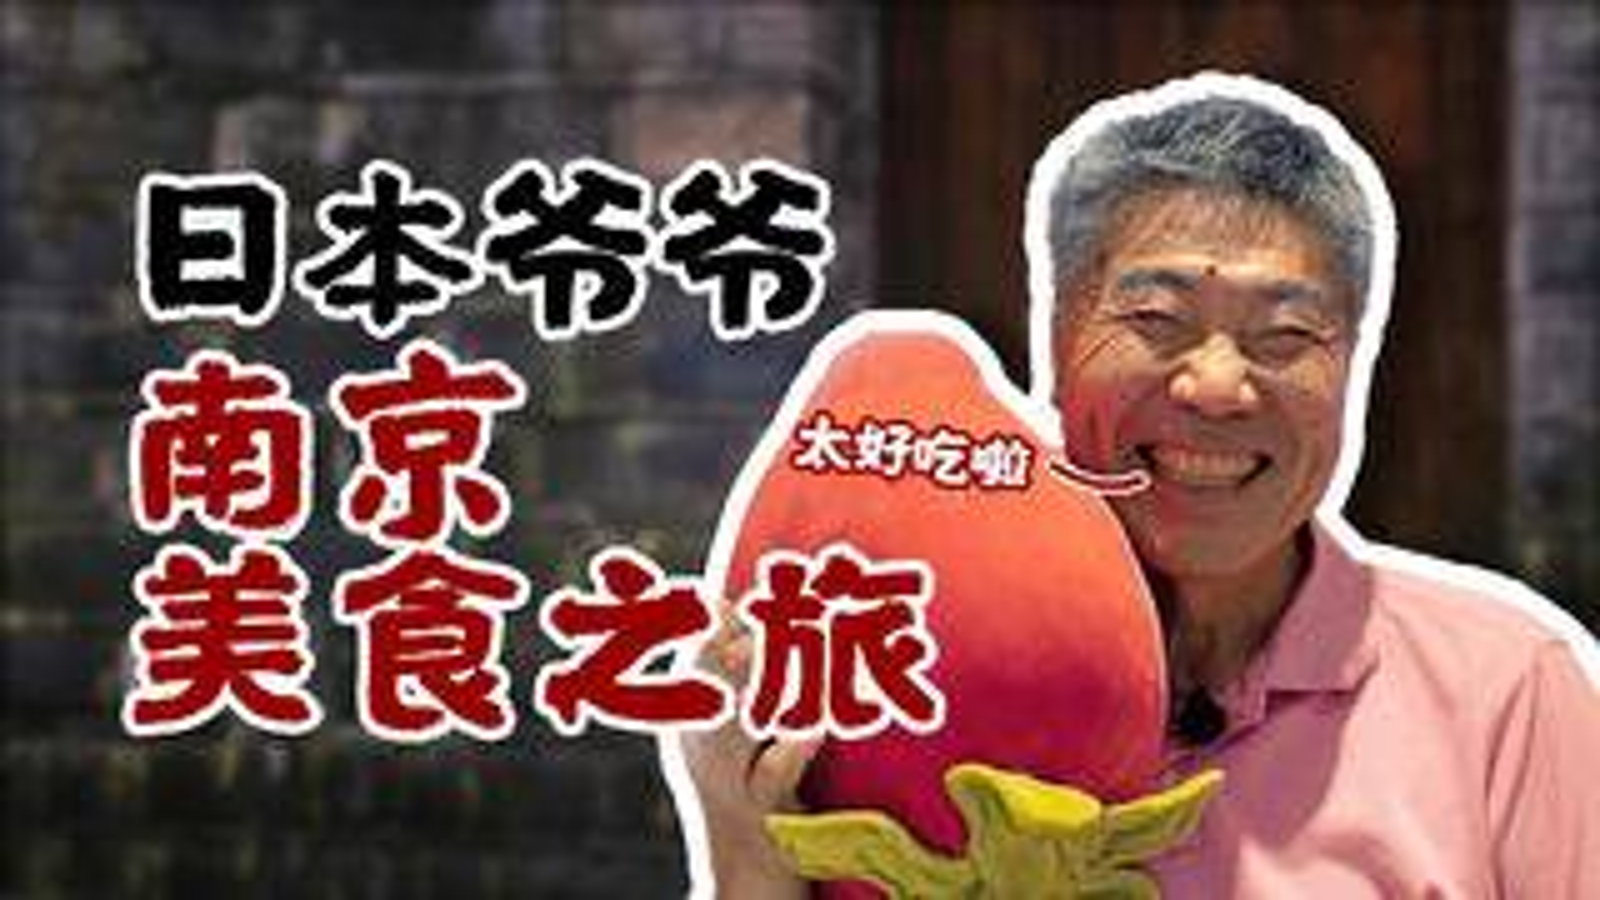 疫情期间被困南京乡下的日本爷爷,进城开启大吃大喝模式【我住在这里的理由 218】